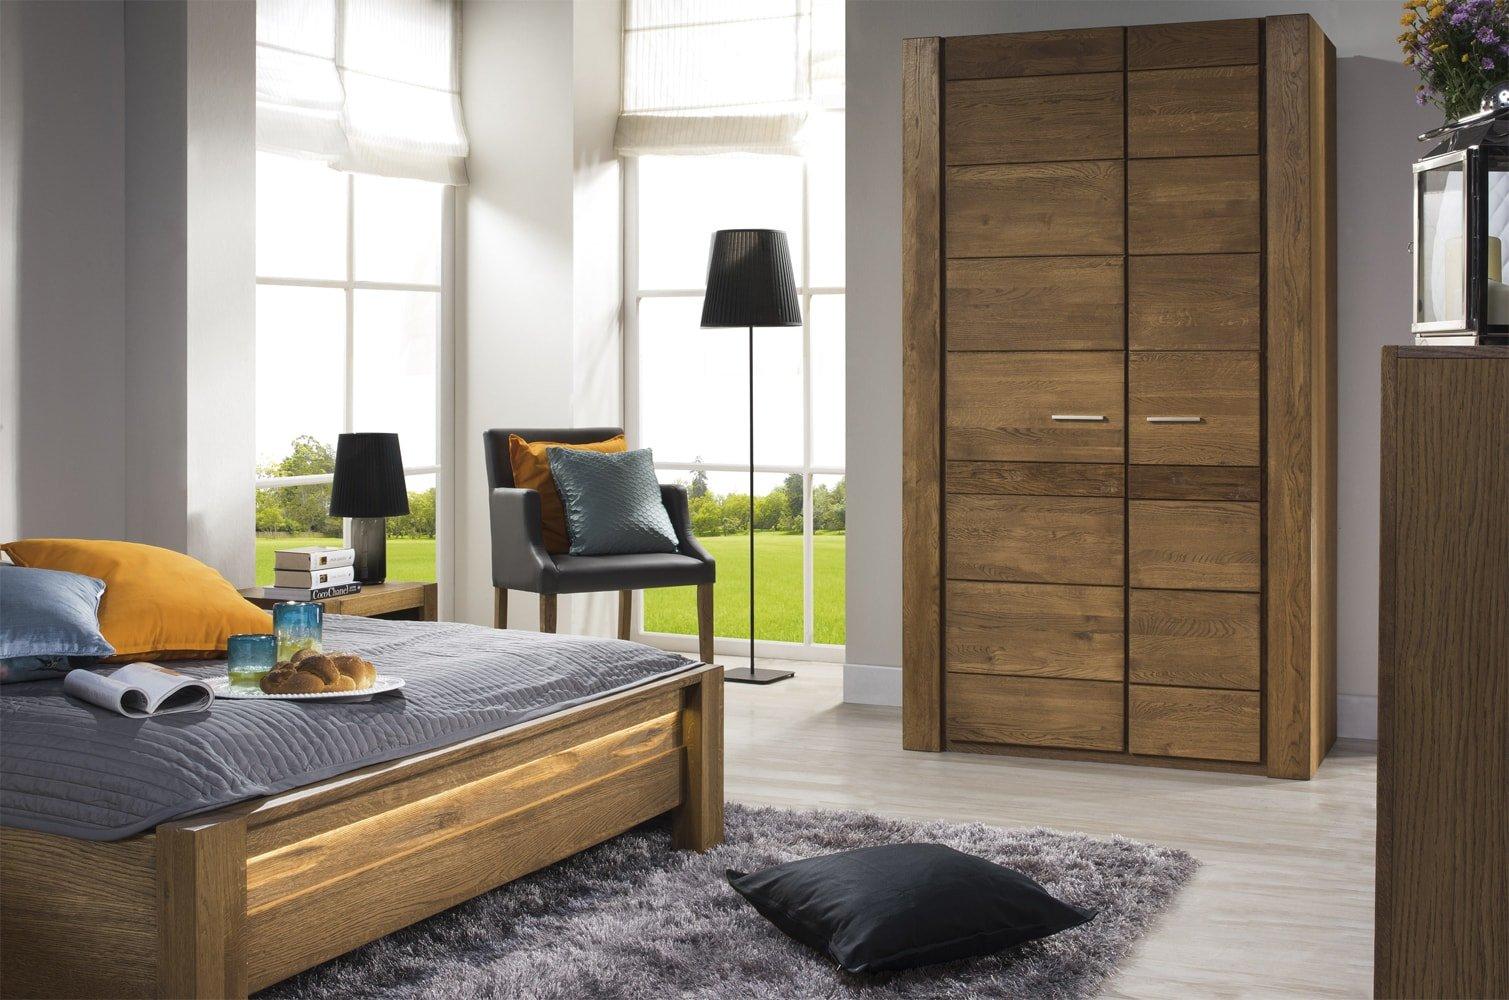 meble do sypialni z drewna w nowoczesnym stylu velvet